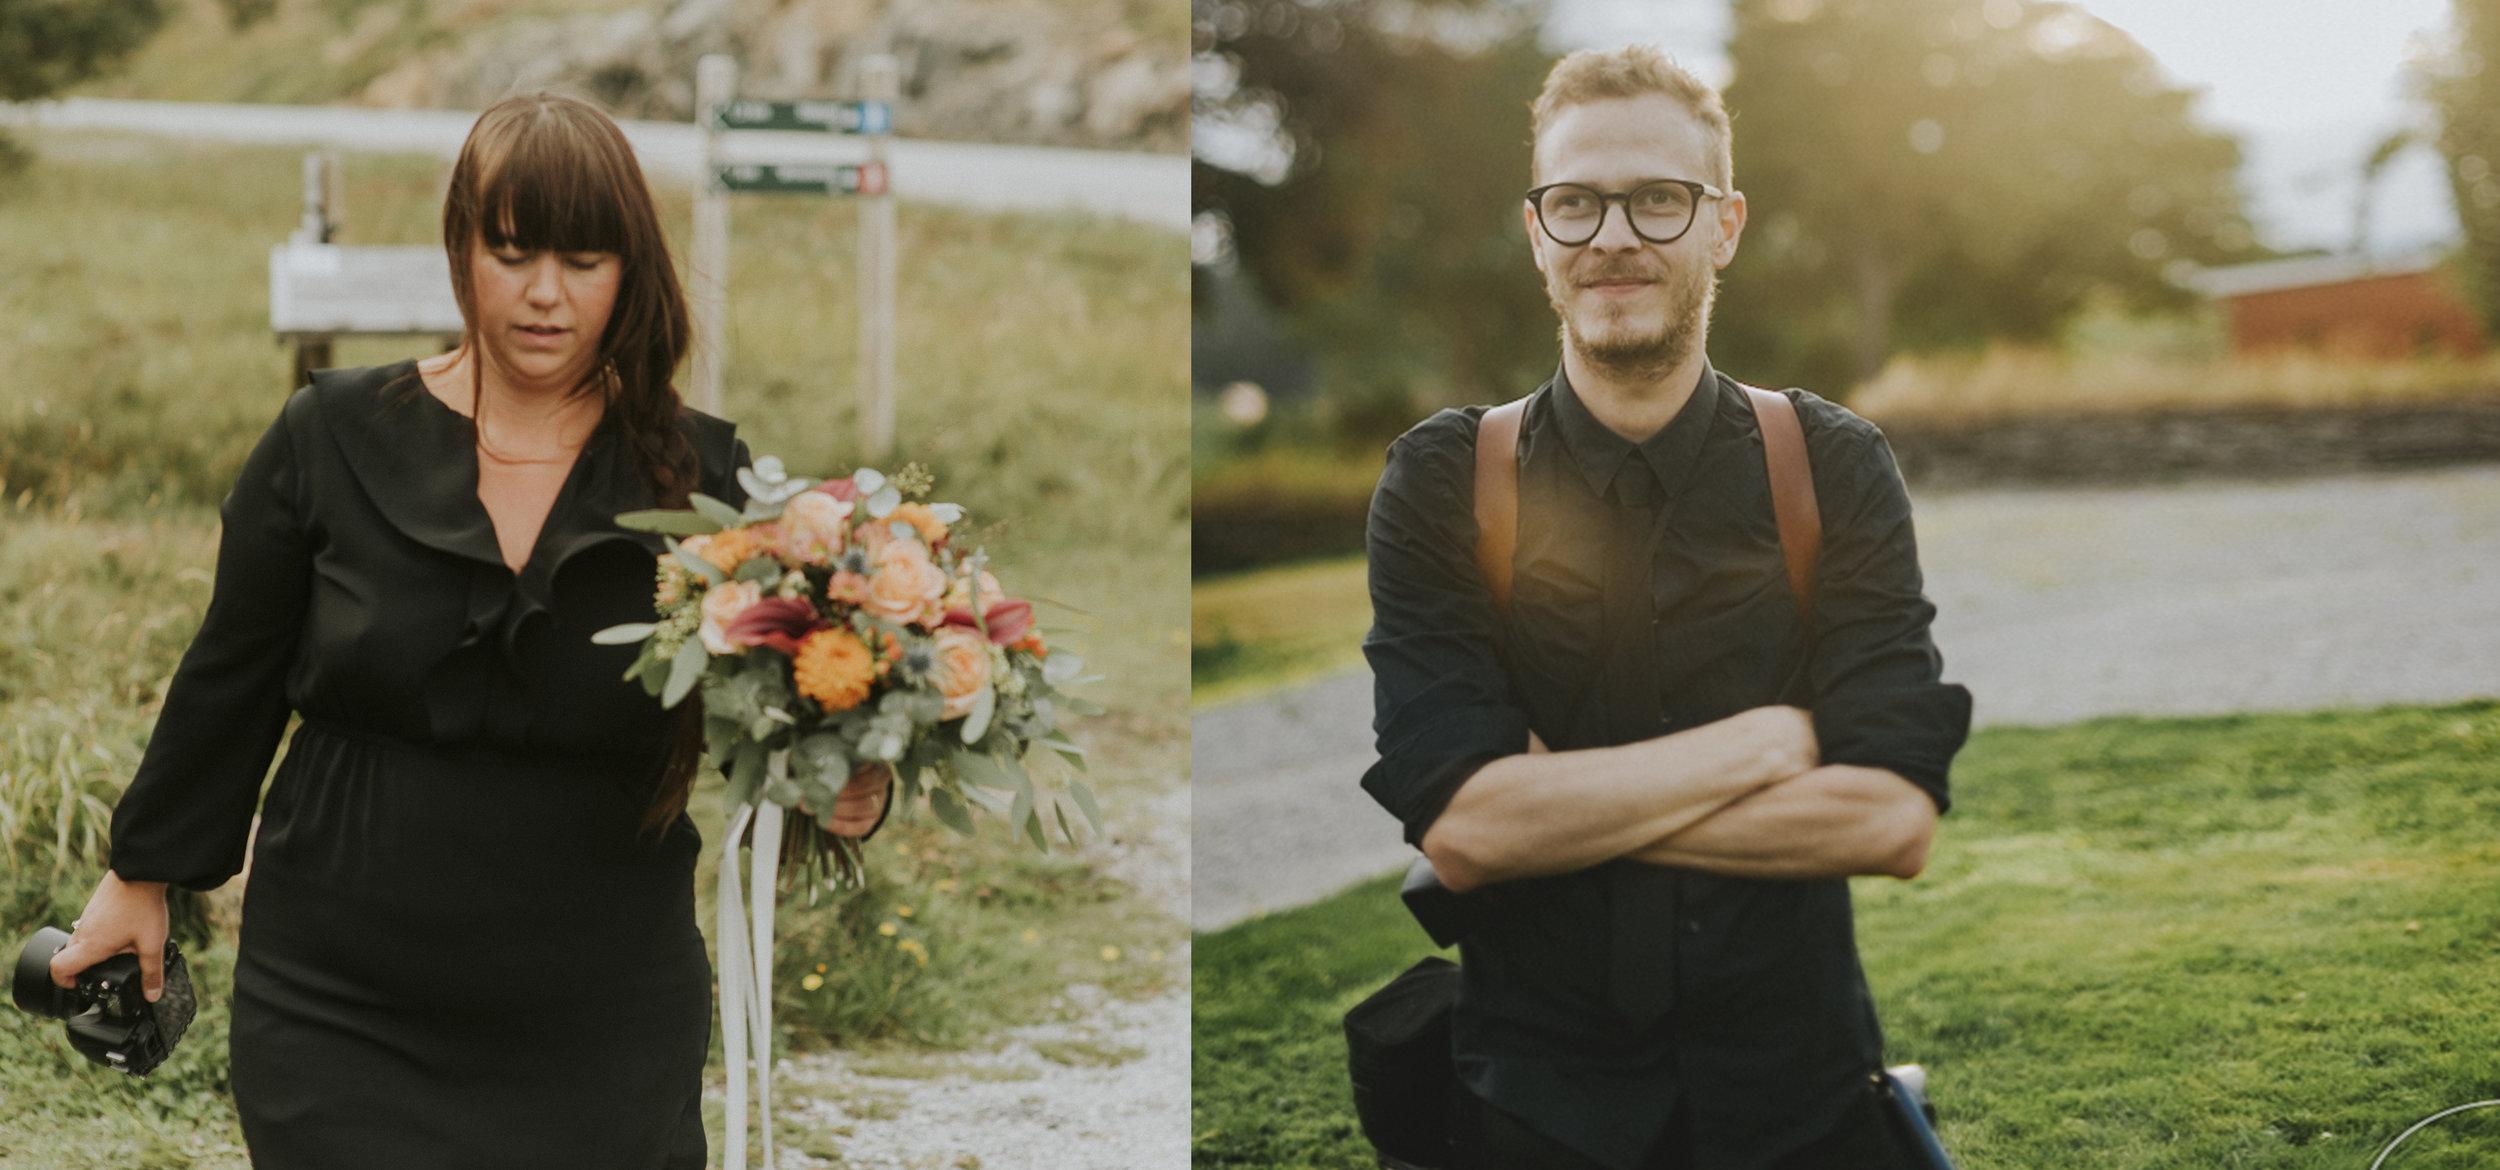 Om oss - Vi er Joachim og Marita, Bestevenner, Kjærester, to fotografer og mamma og pappa til fine Teo og Saga.